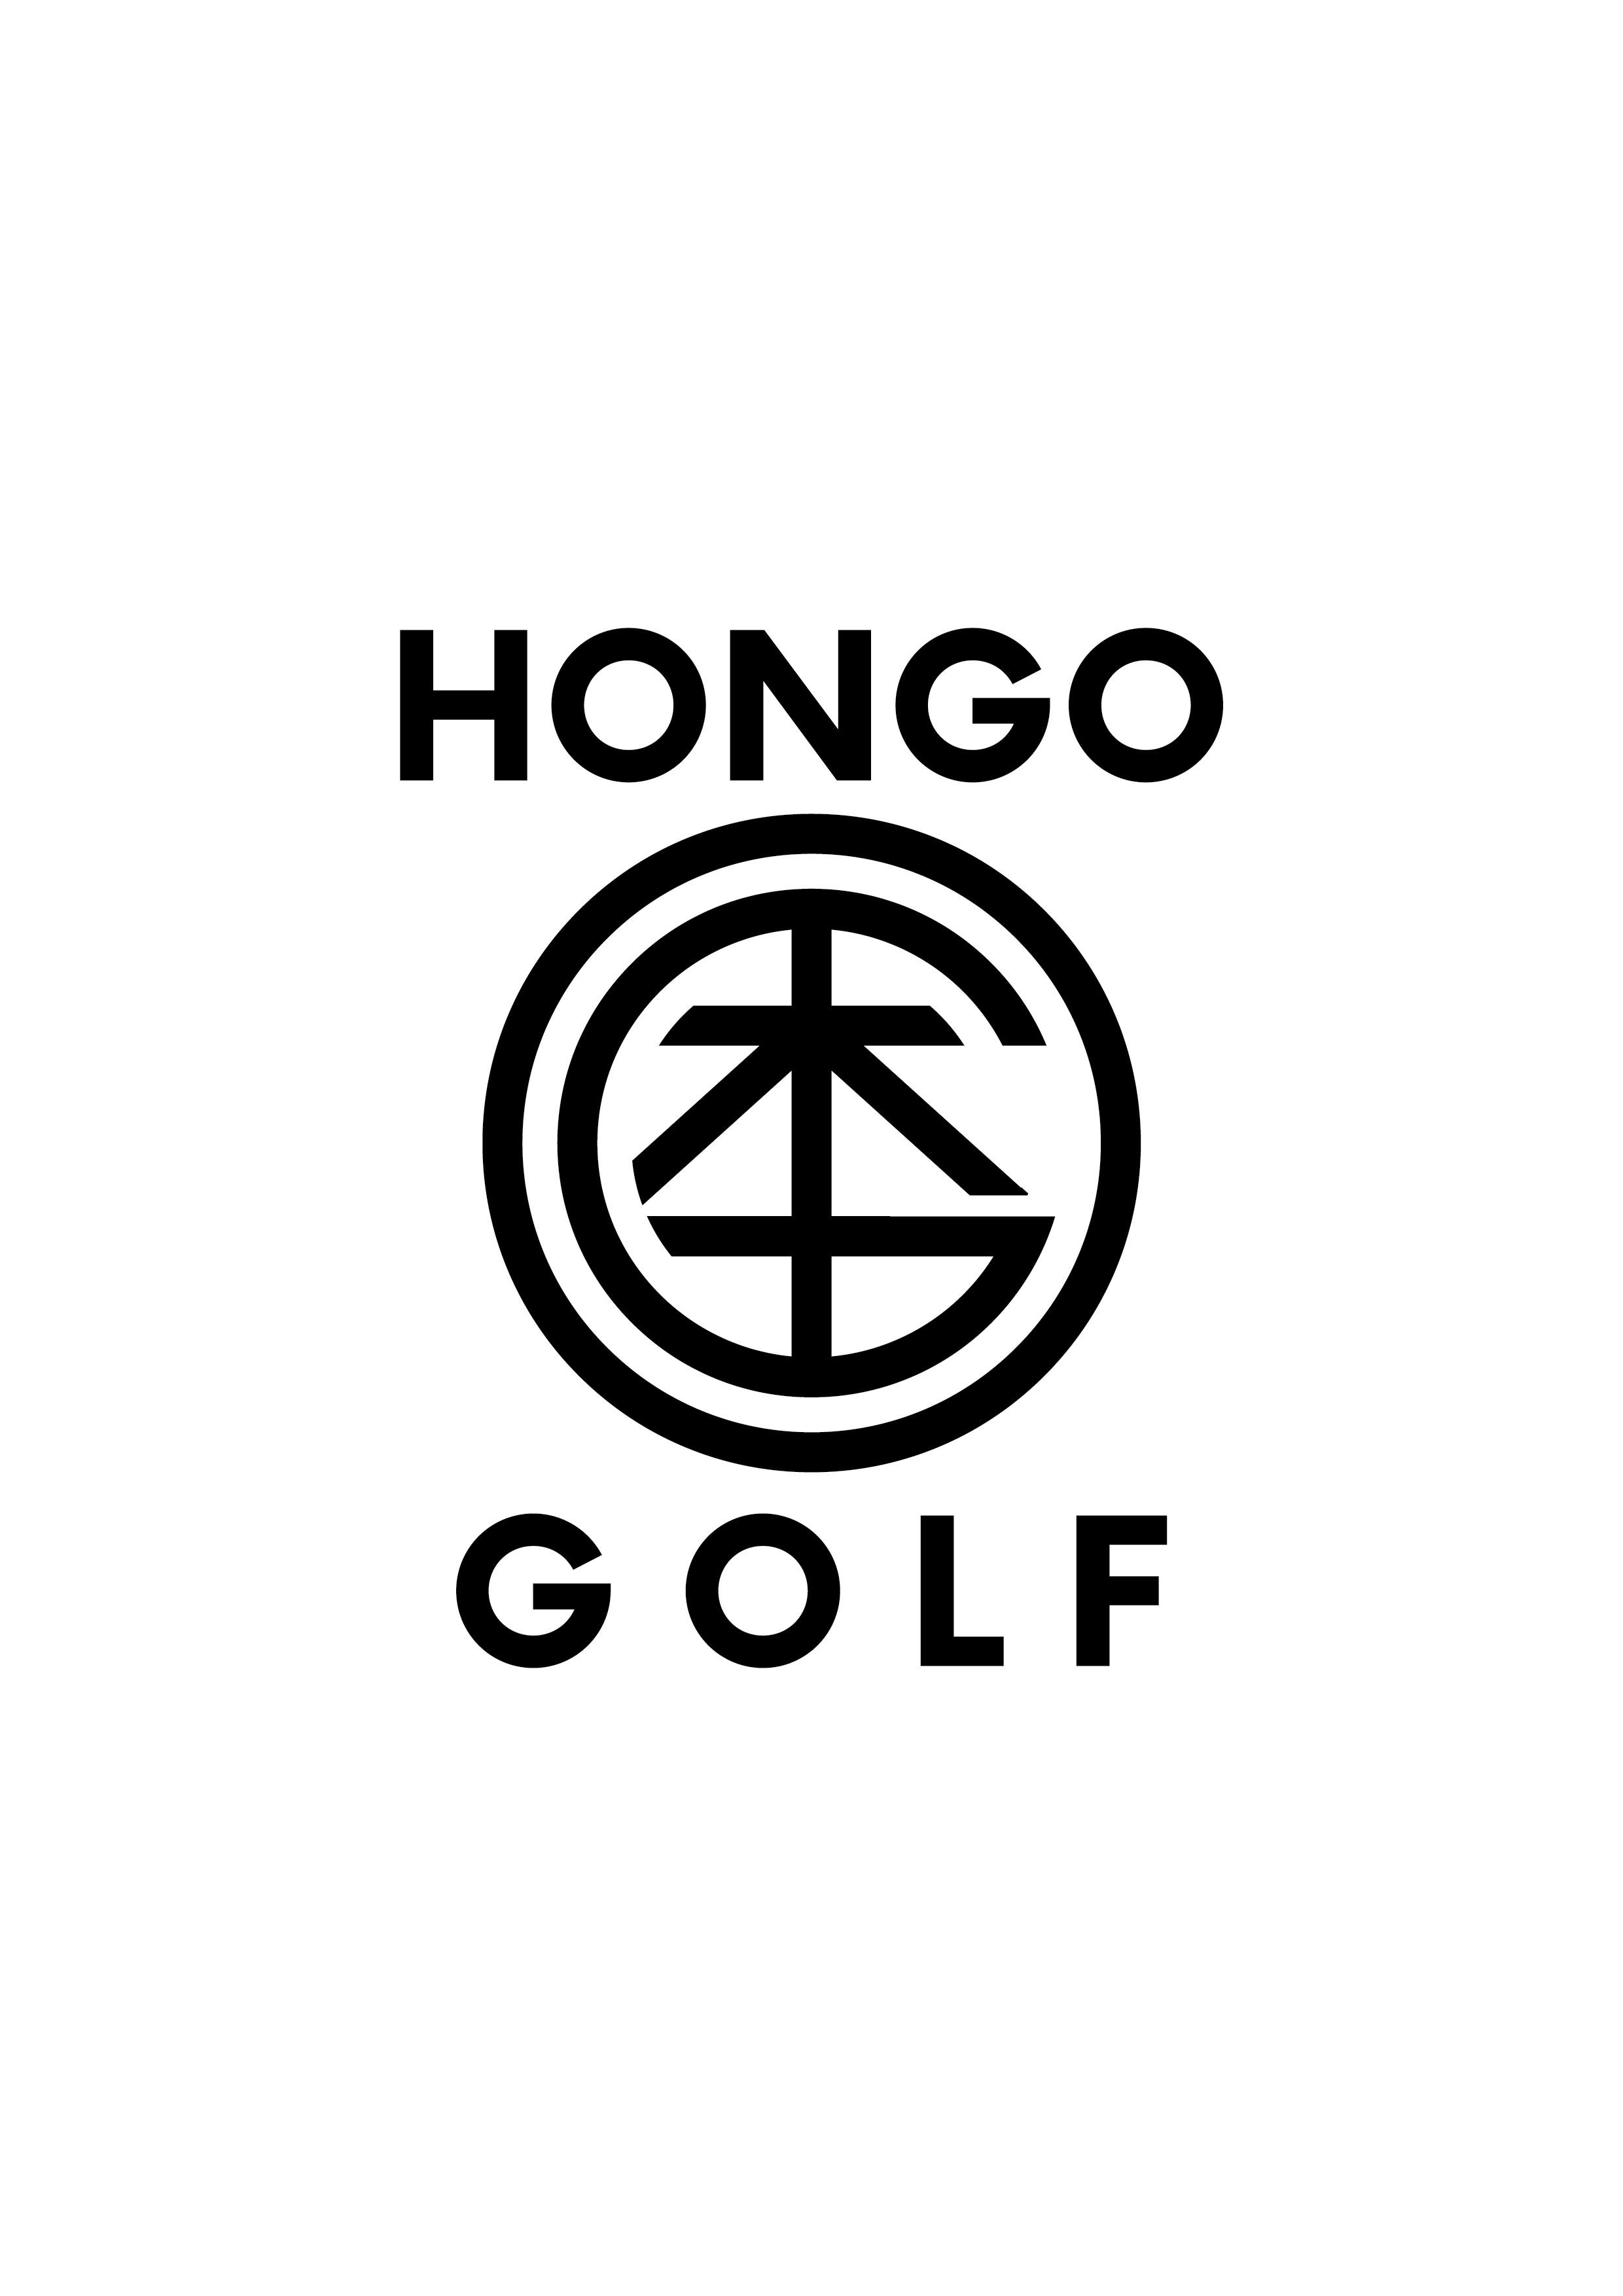 Hongo Golf